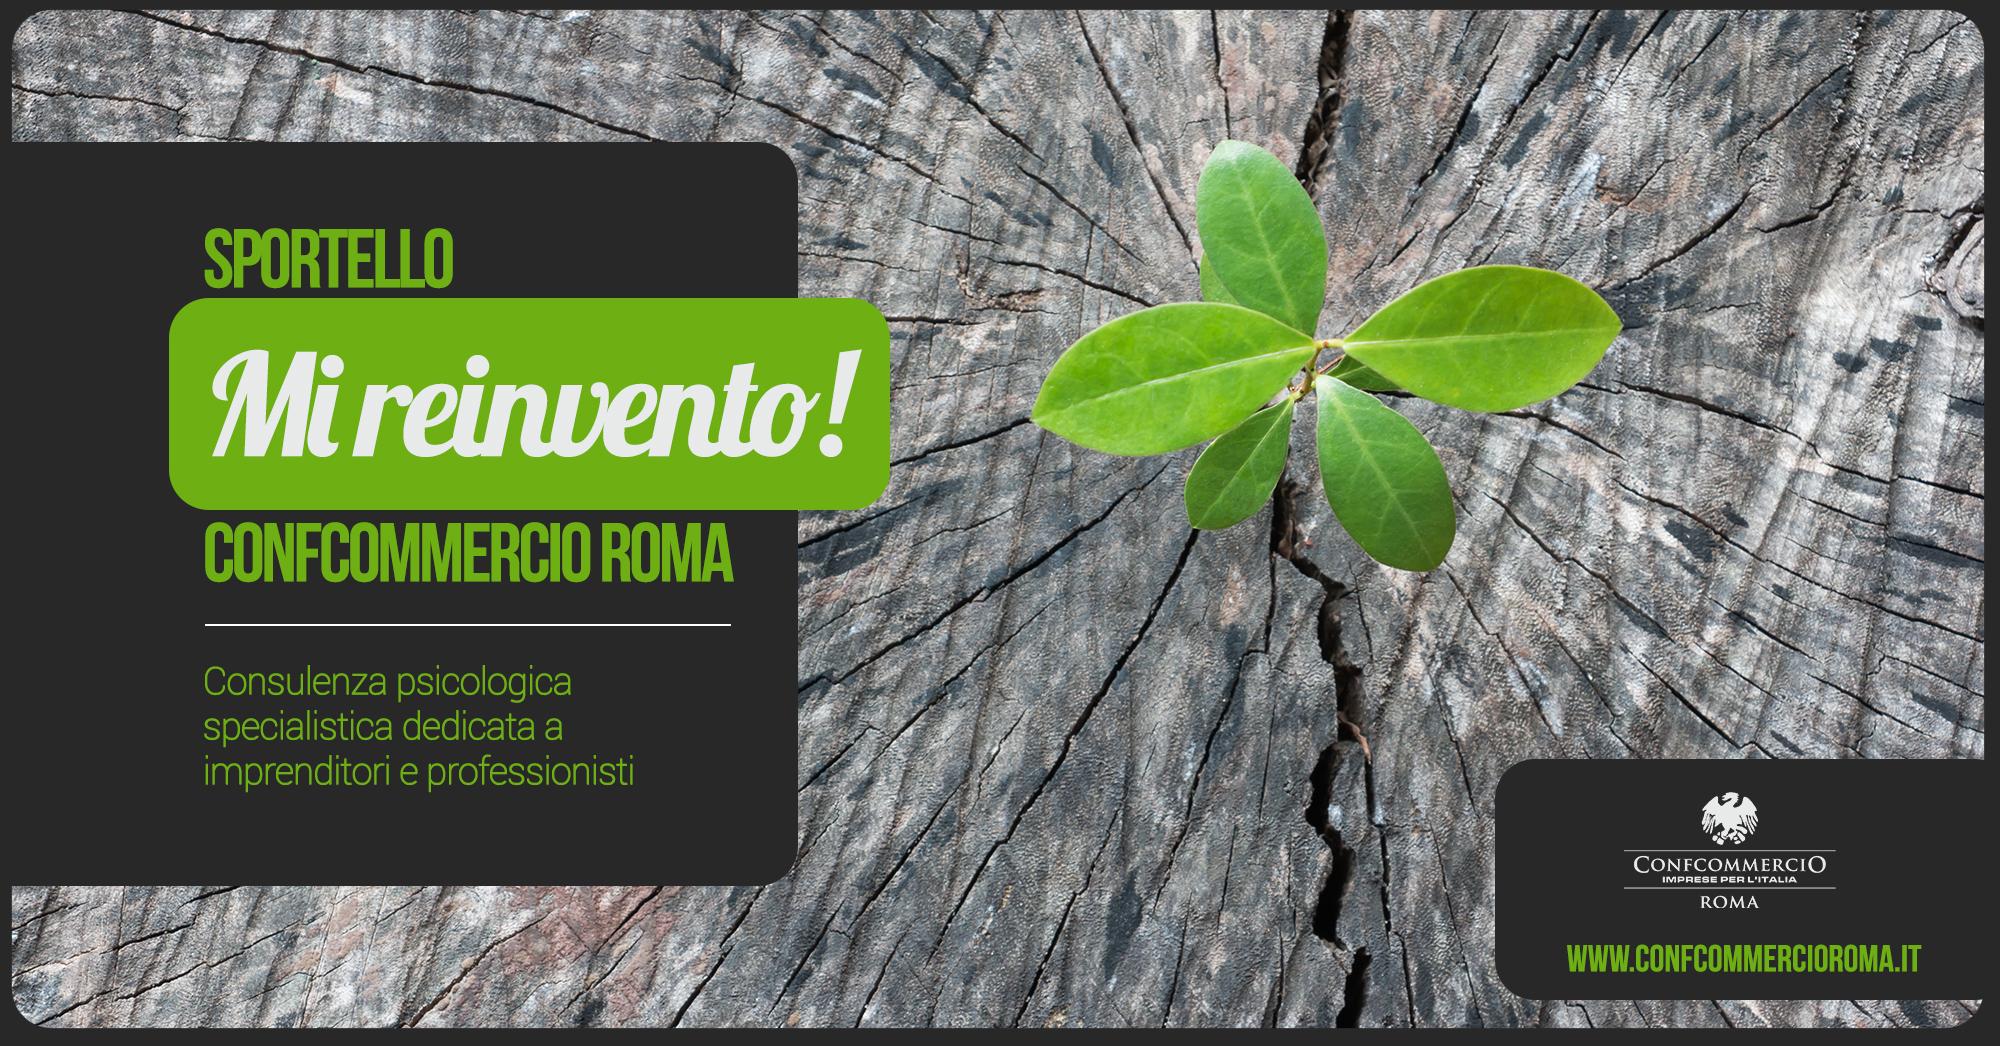 """CONFCOMMERCIO ROMA AVVIA LO SPORTELLO """"MI REINVENTO!"""", UN CENTRO DI ASCOLTO PER GLI IMPRENDITORI IN CRISI."""